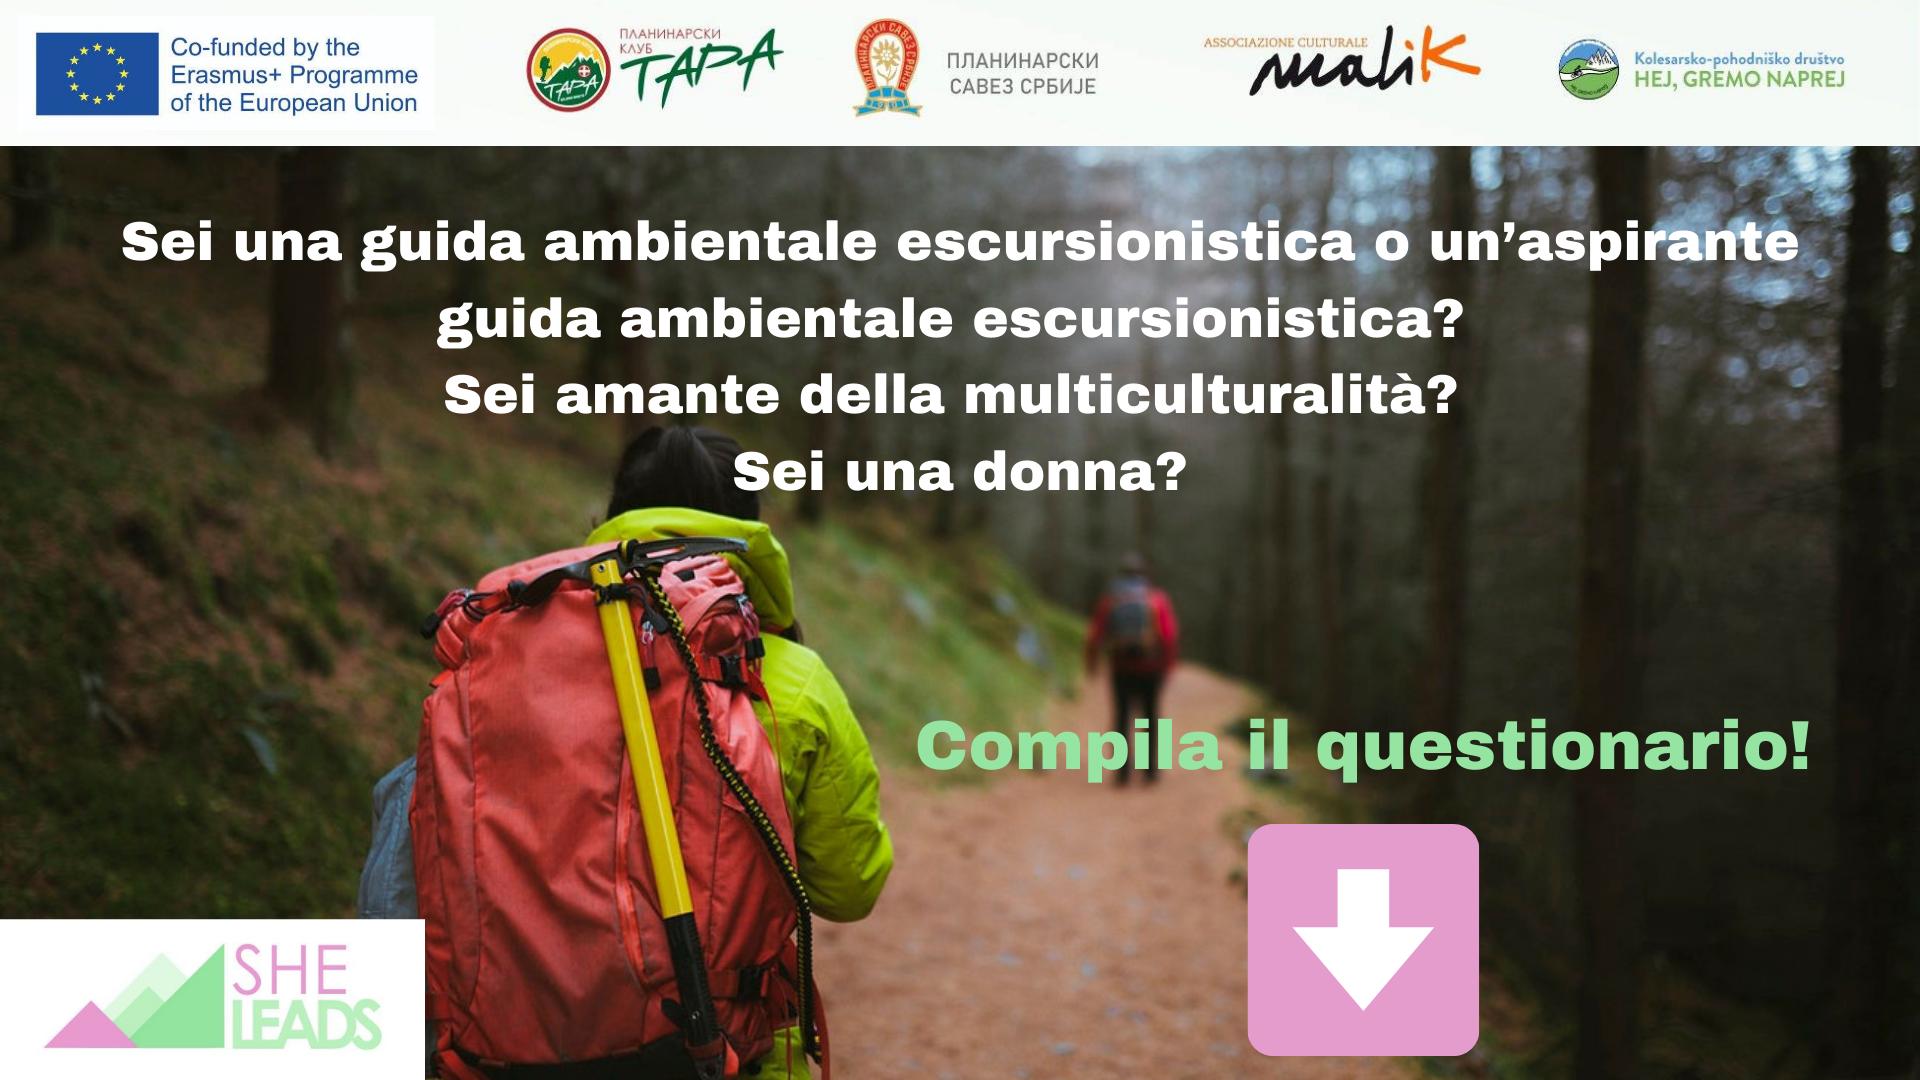 Sei una guida ambientale escursionistica o un'aspirante guida ambientale escursionistica_ Sei amante della multiculturalità_ Sei una donna_